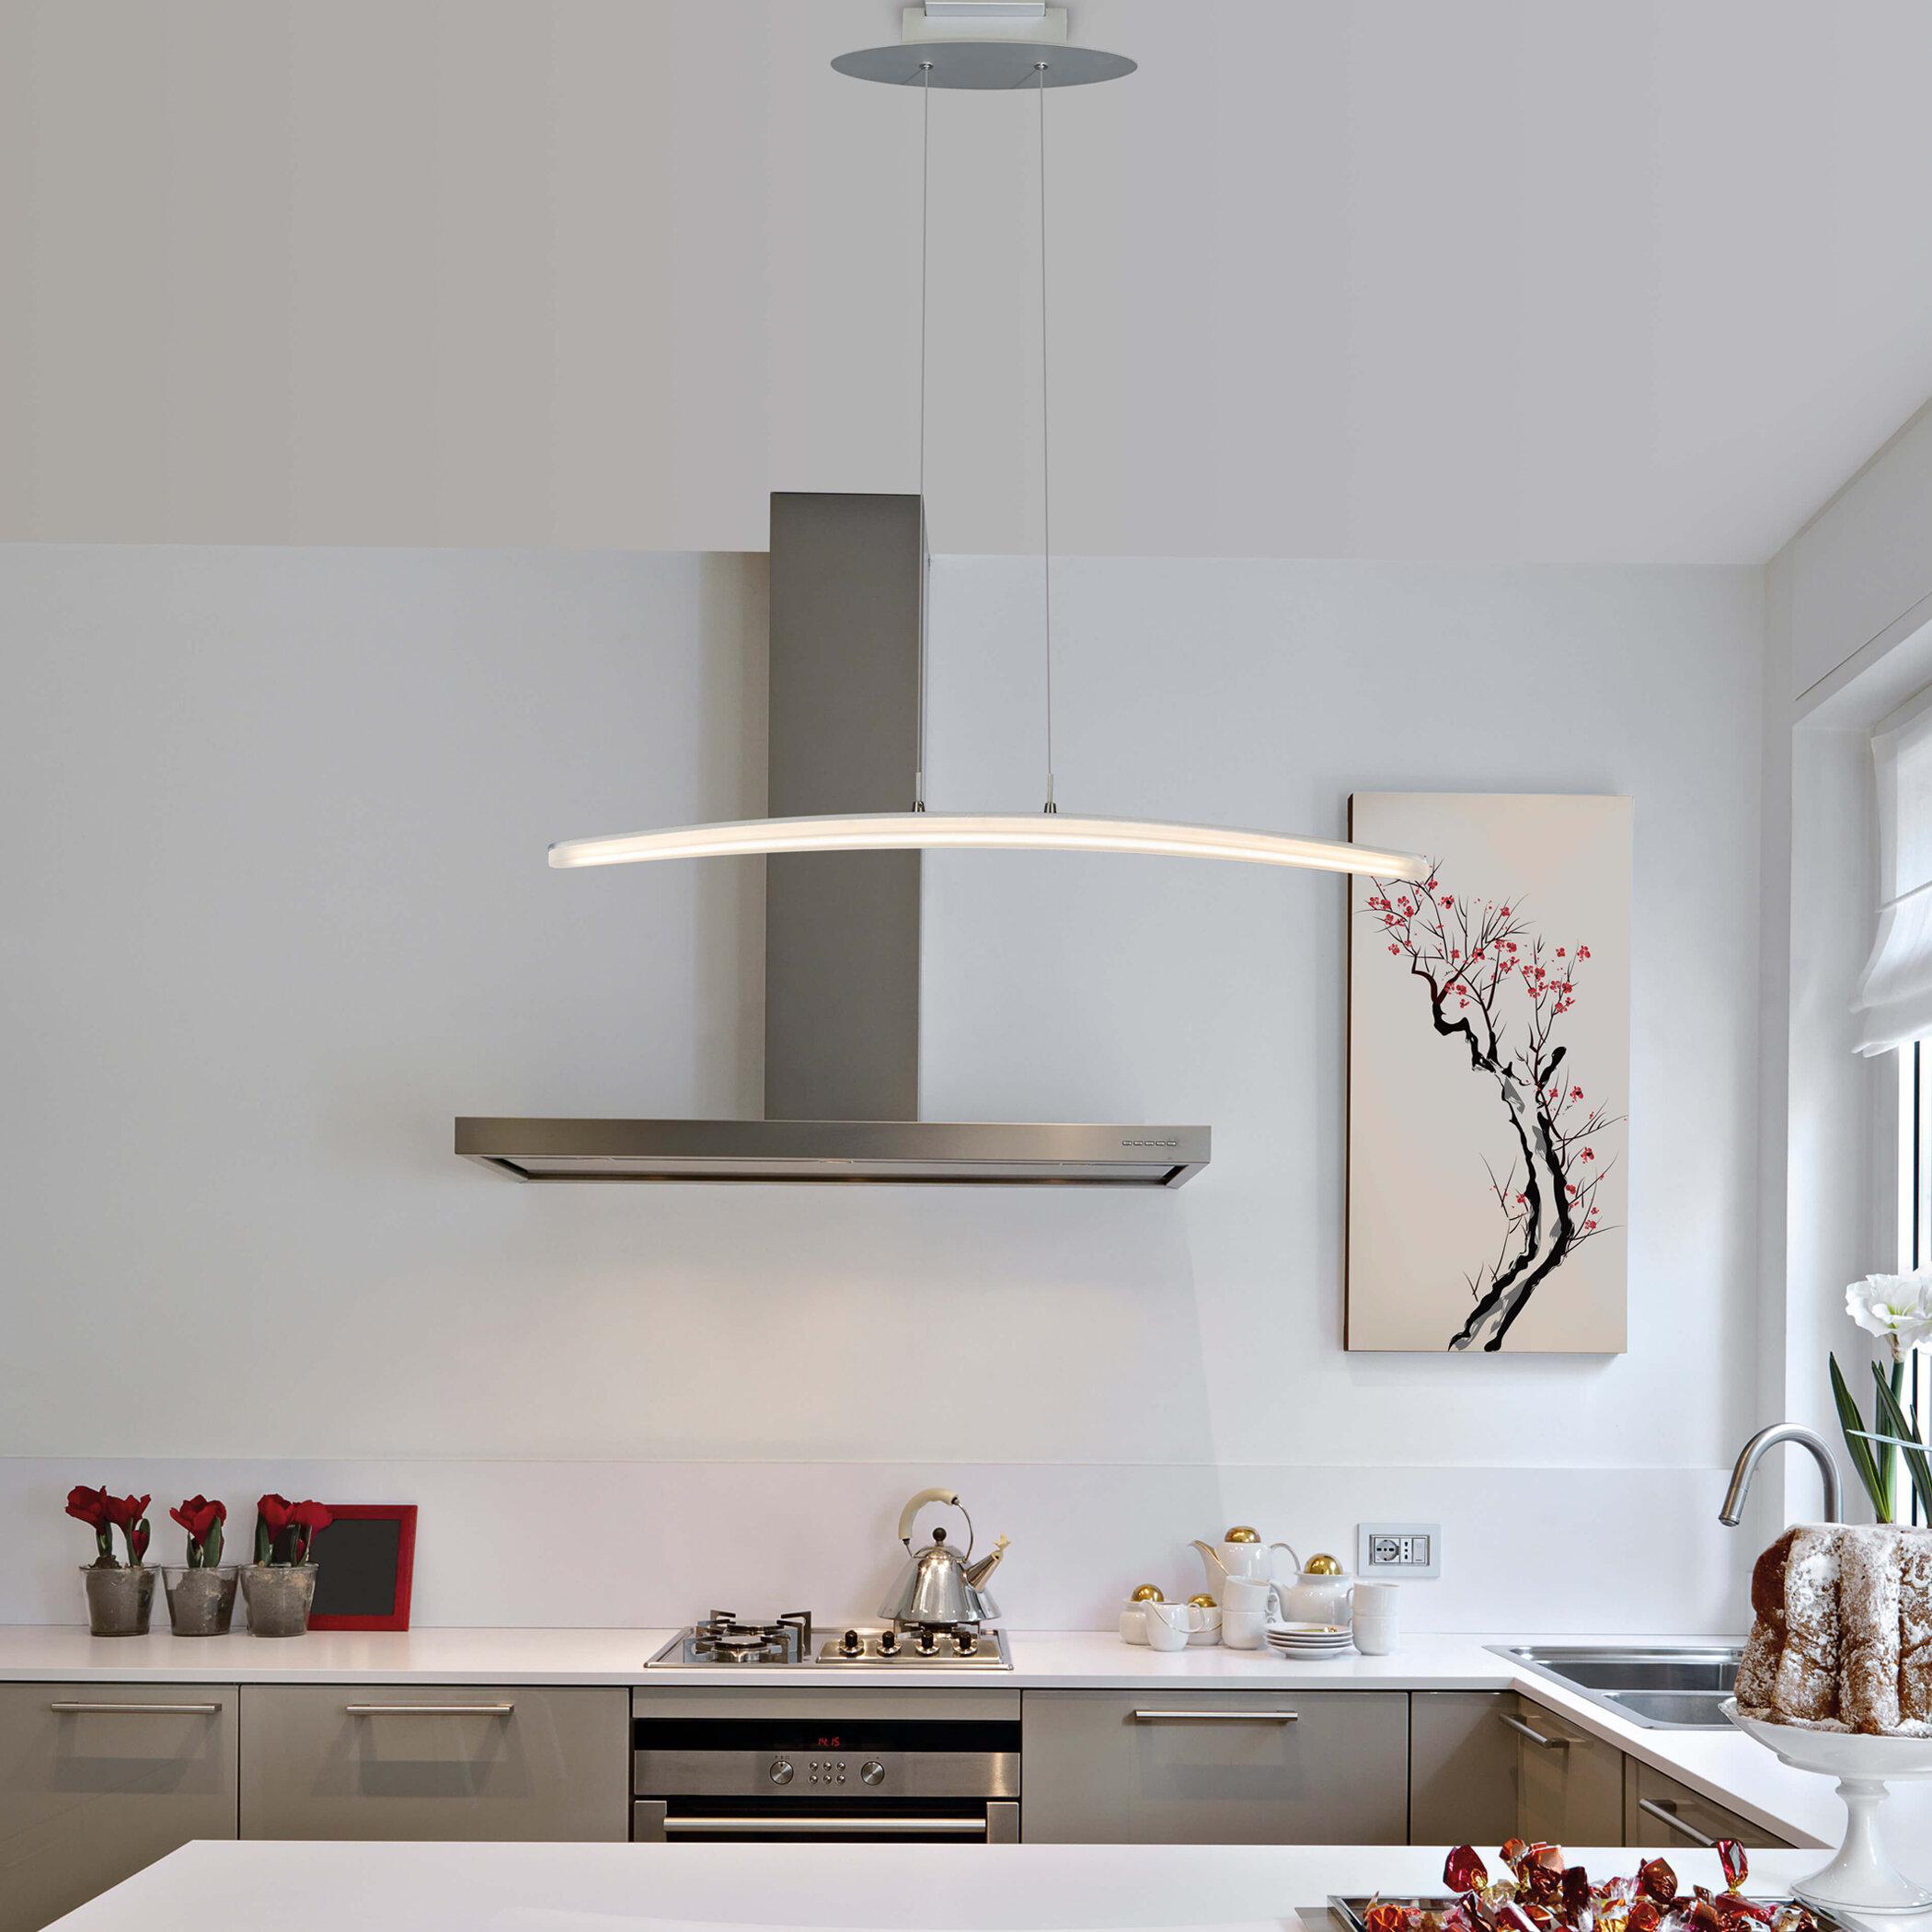 Castella 1-Light Led Kitchen Island Geometric Pendant regarding Callington 1-Light Led Single Geometric Pendants (Image 11 of 30)